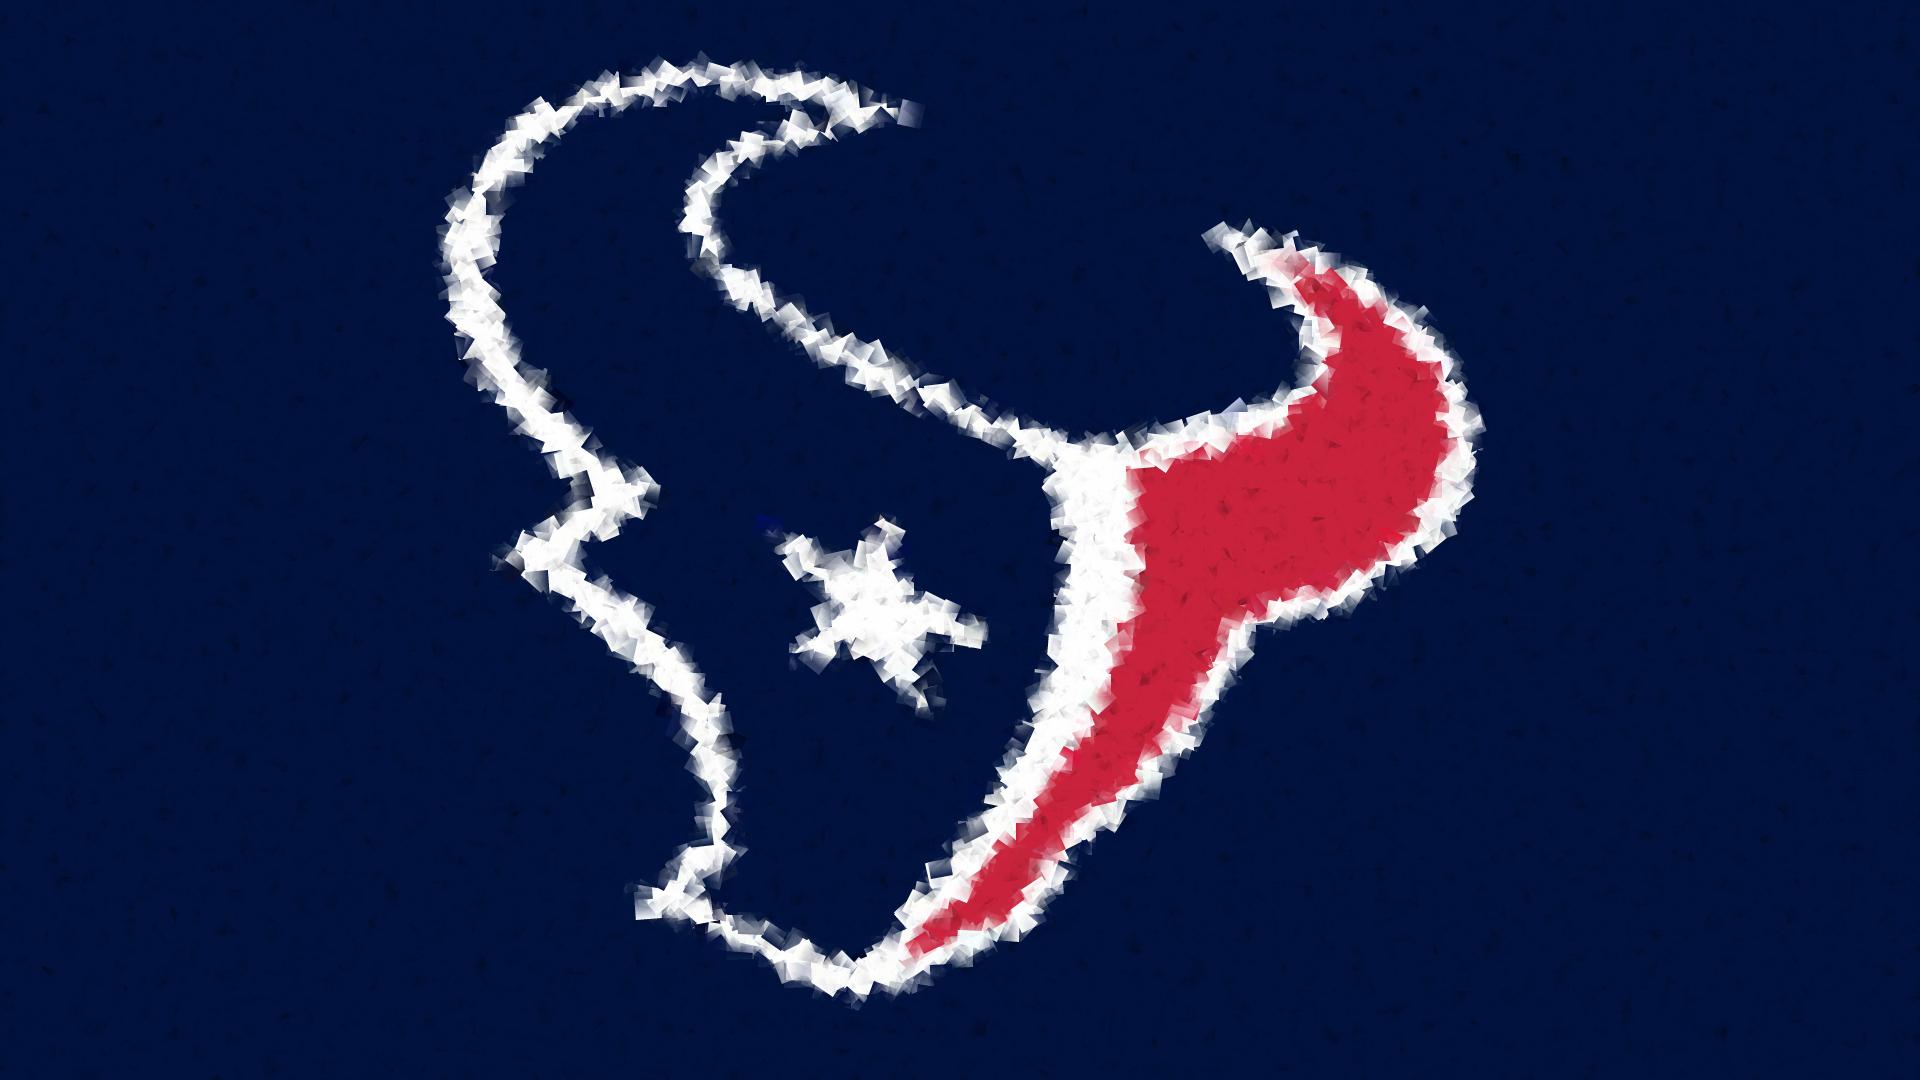 Houston Texans Pictures Houston Texans Hd Wallpapers Houston Texans 1920x1080